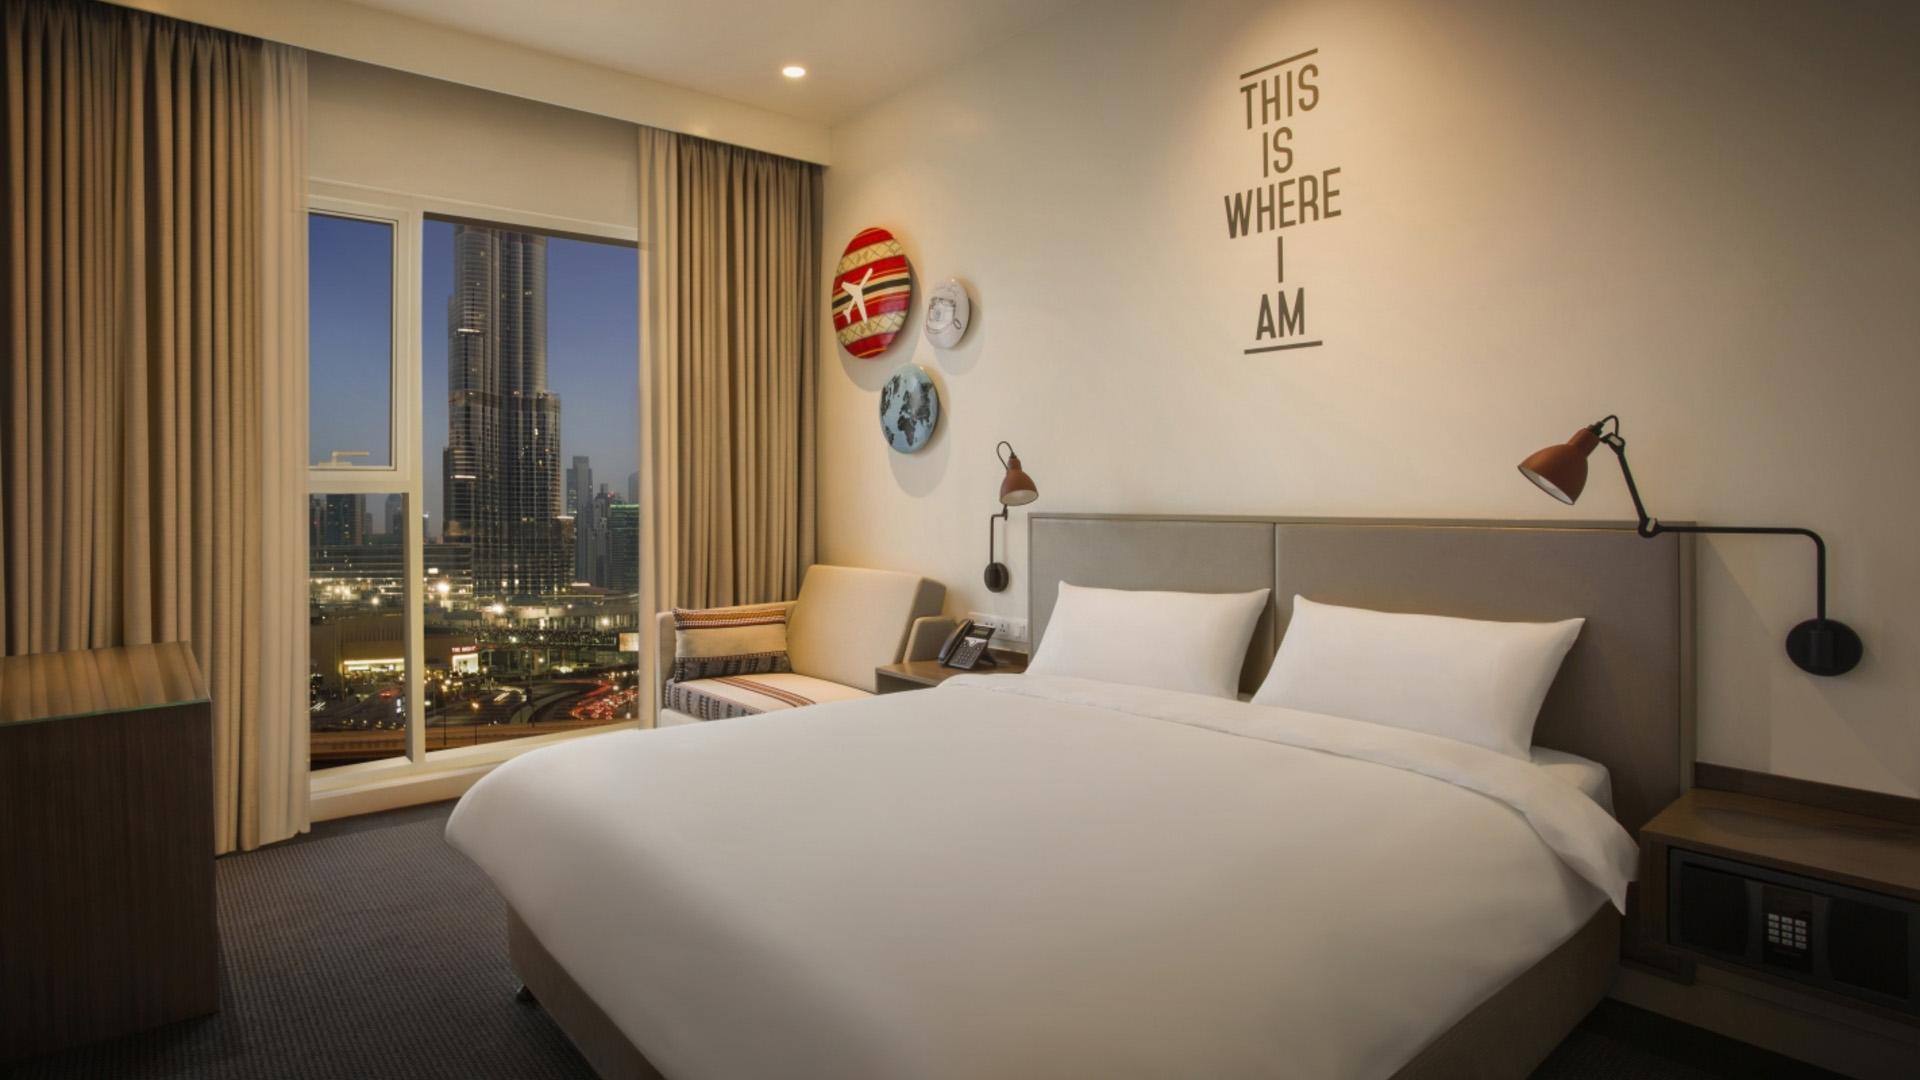 Apartamento en venta en Dubai, EAU, 2 dormitorios, 104 m2, № 23894 – foto 1